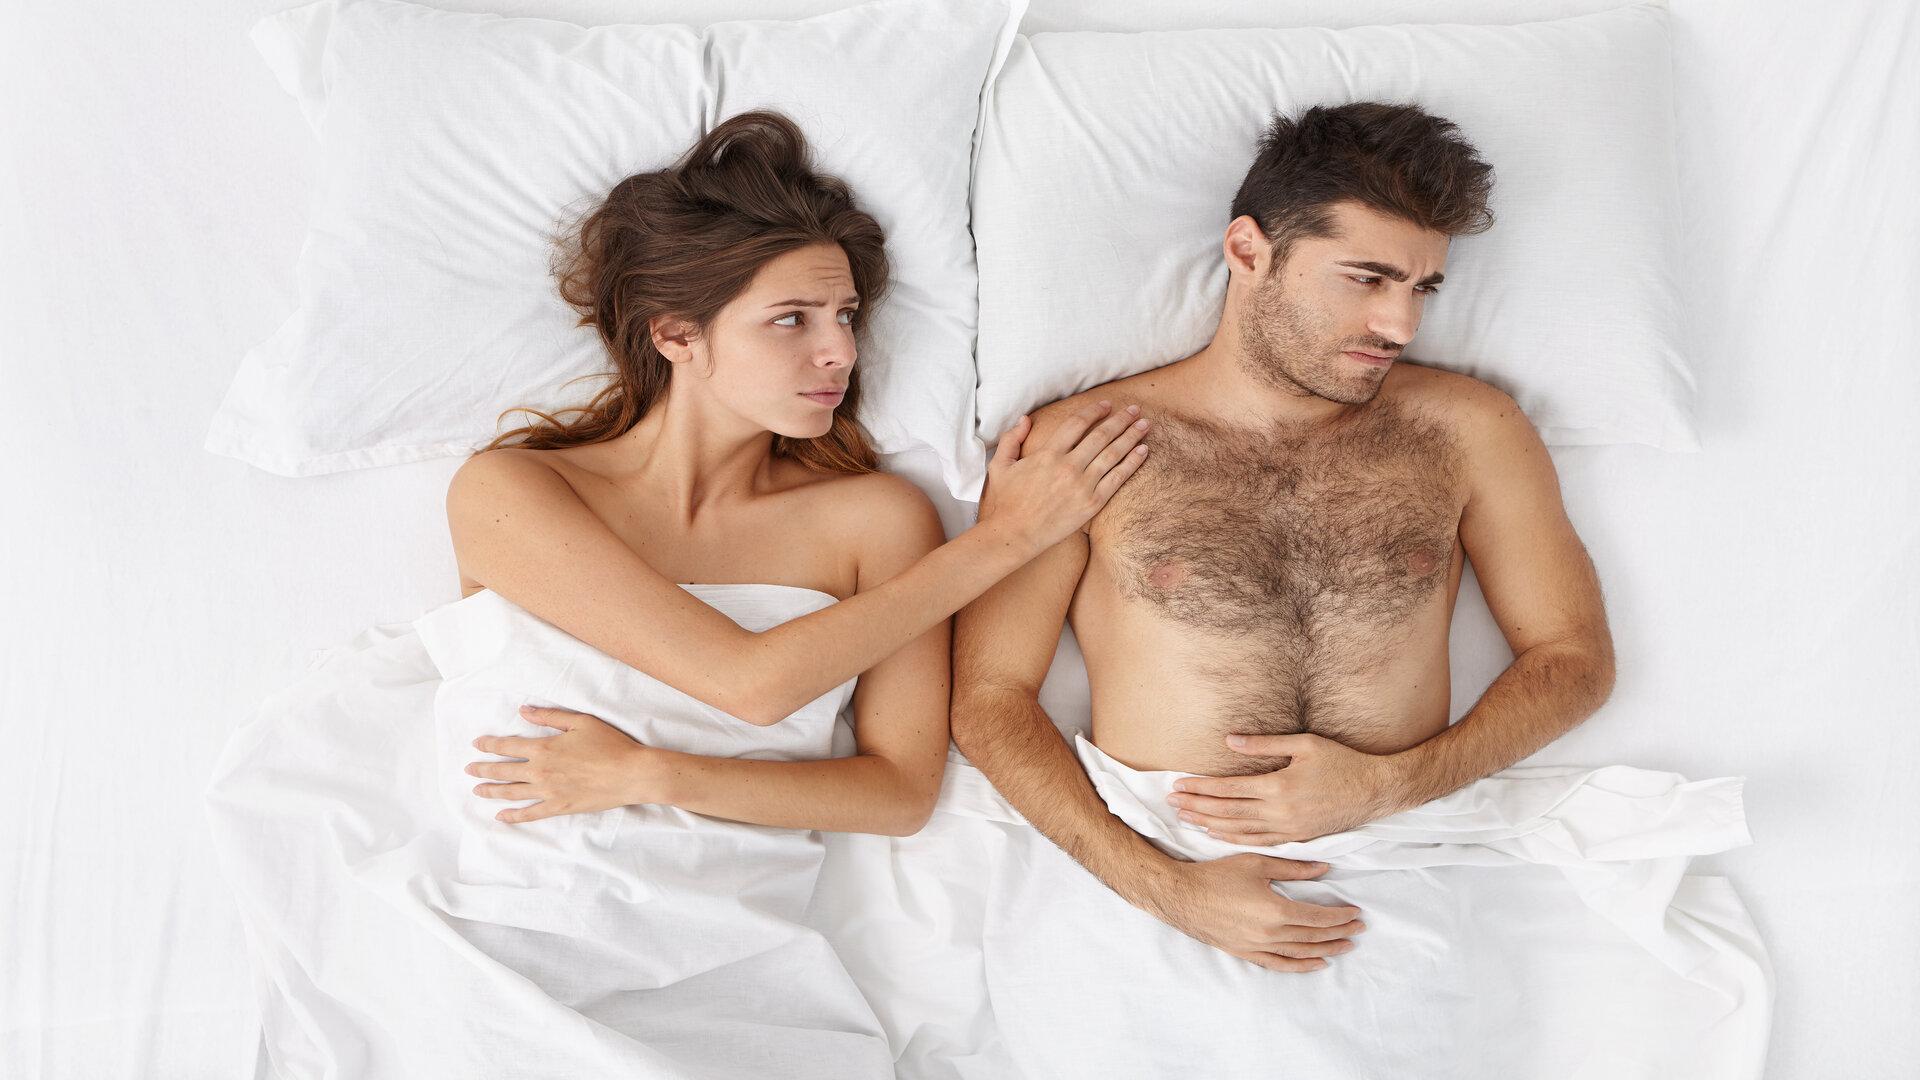 Qu'est-ce qui cause les rapports sexuels douloureux chez les femmes ?